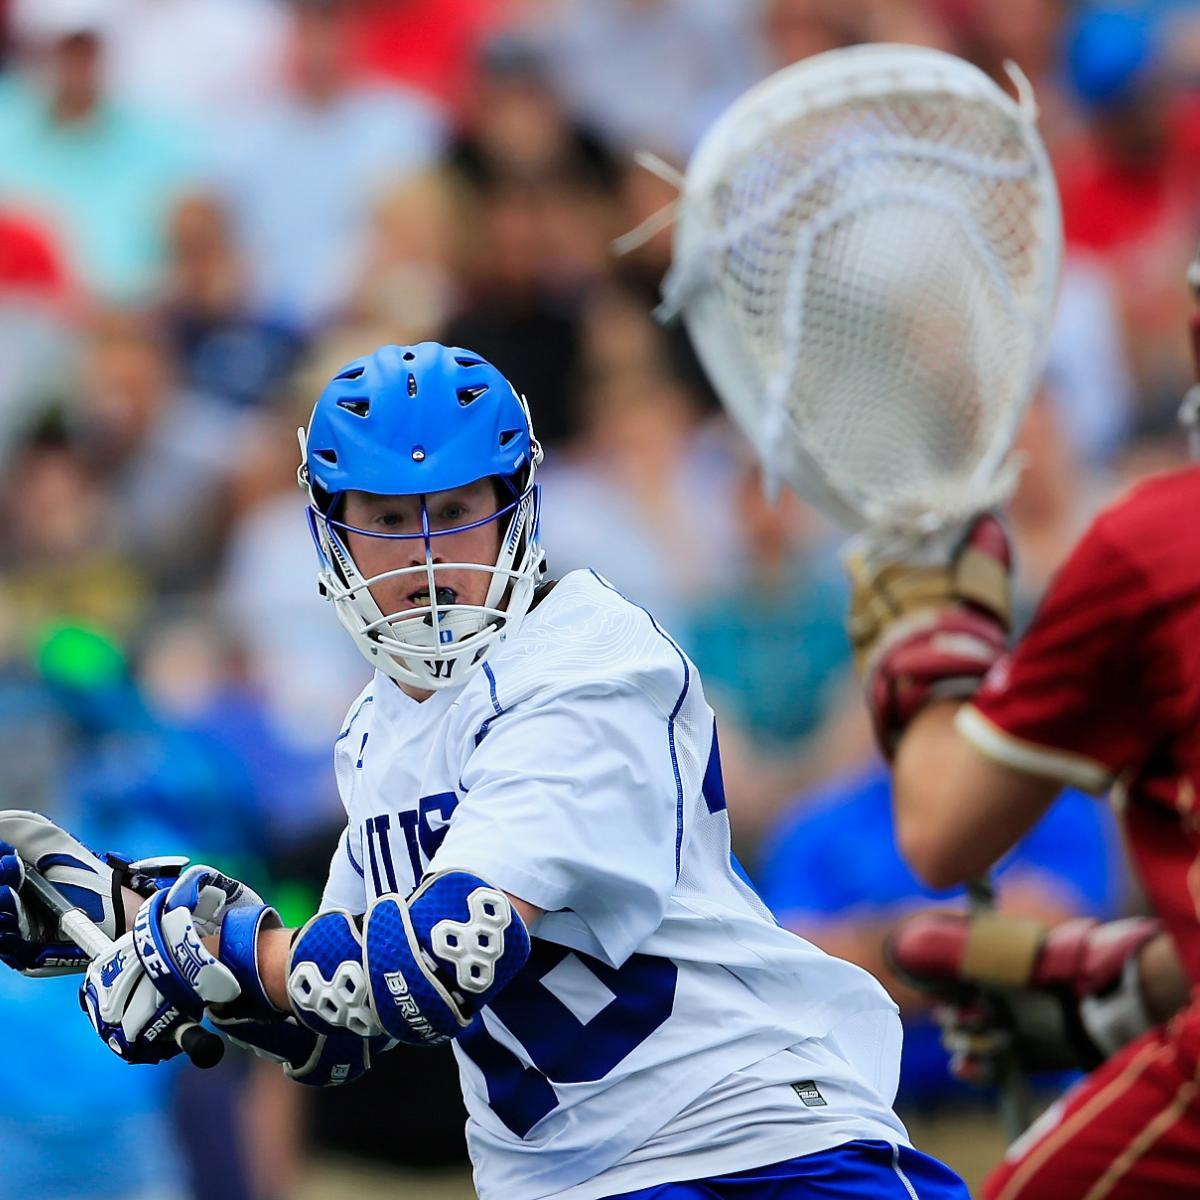 Duke Vs. Denver: Score And Recap From 2014 NCAA Lacrosse